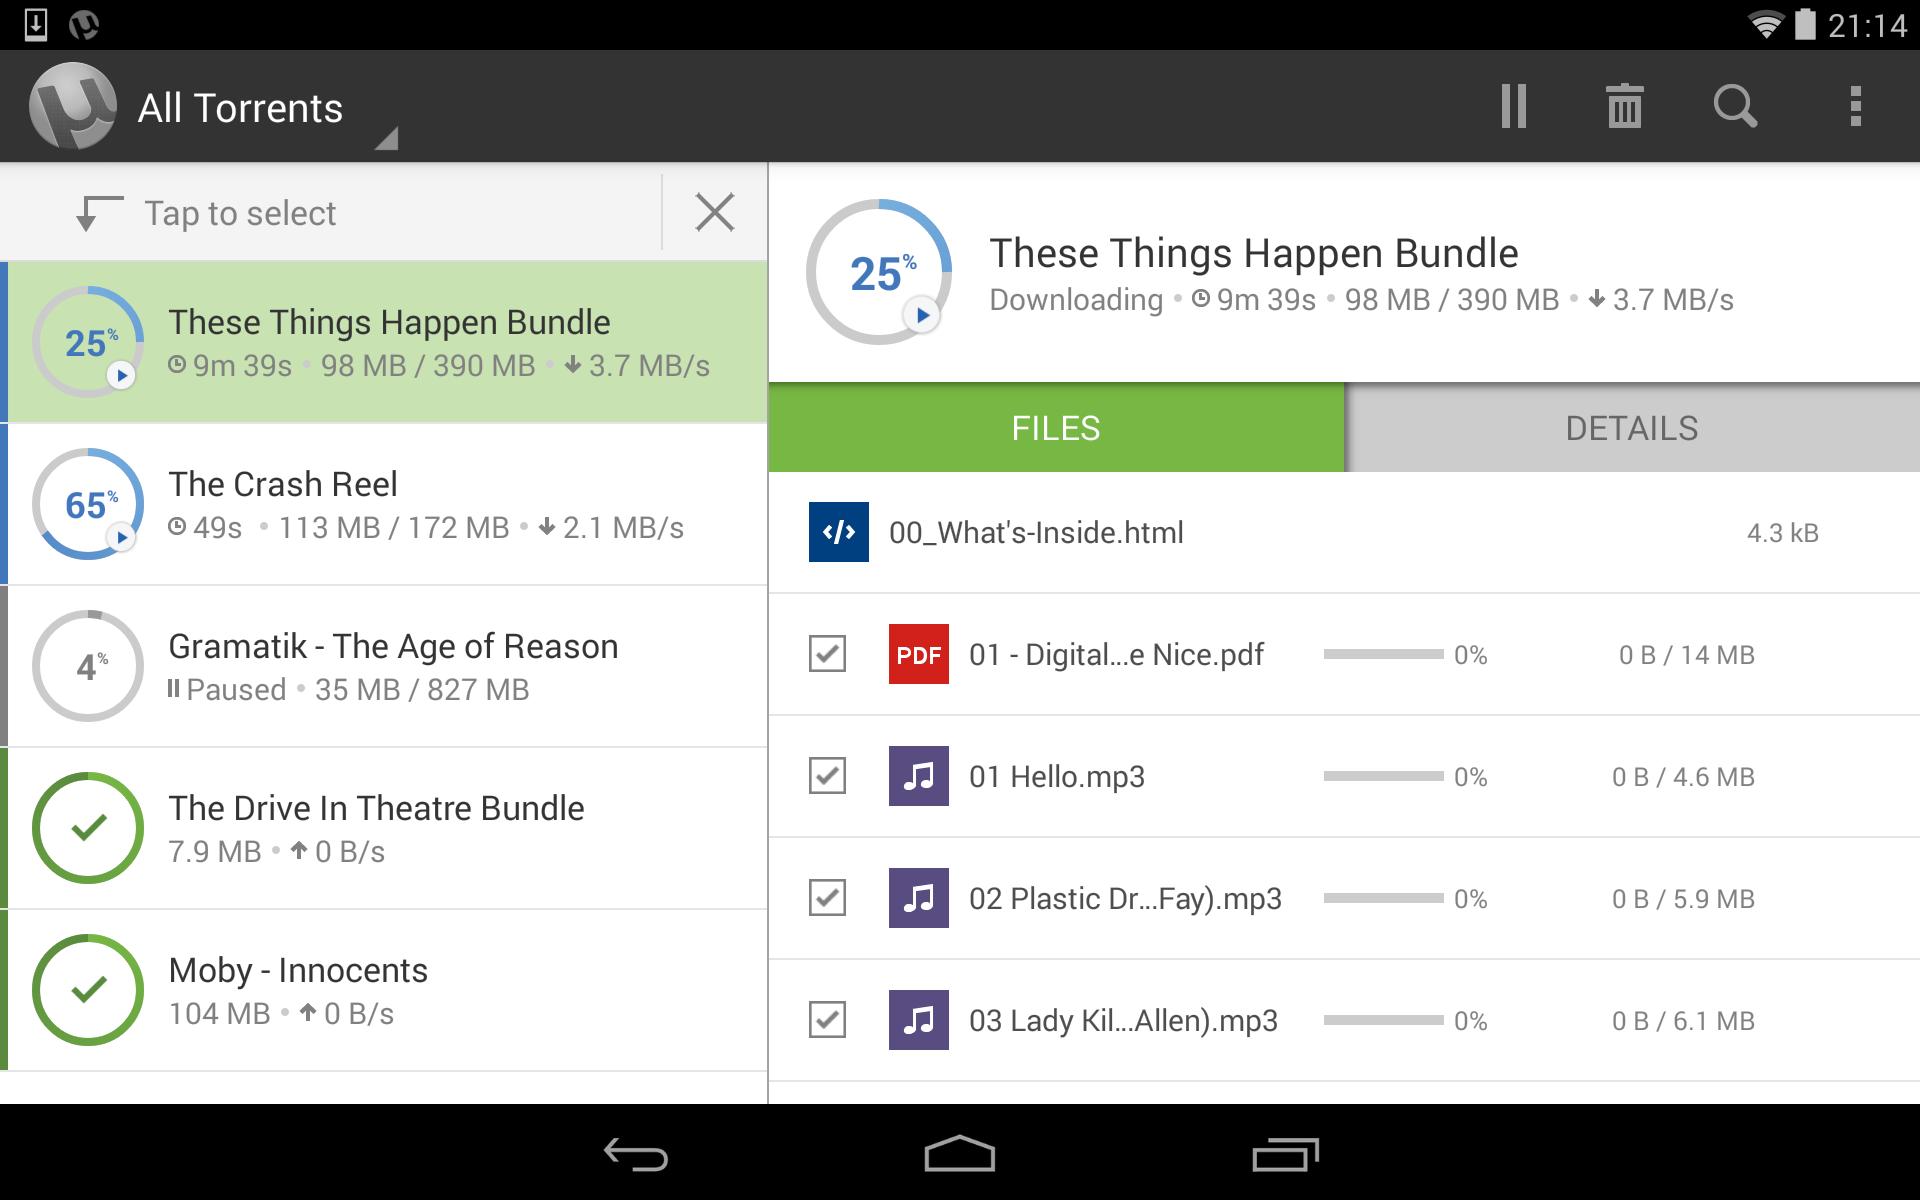 µTorrent® Pro – Torrent App v5 5 2-P2P – Releaselog | RLSLOG net